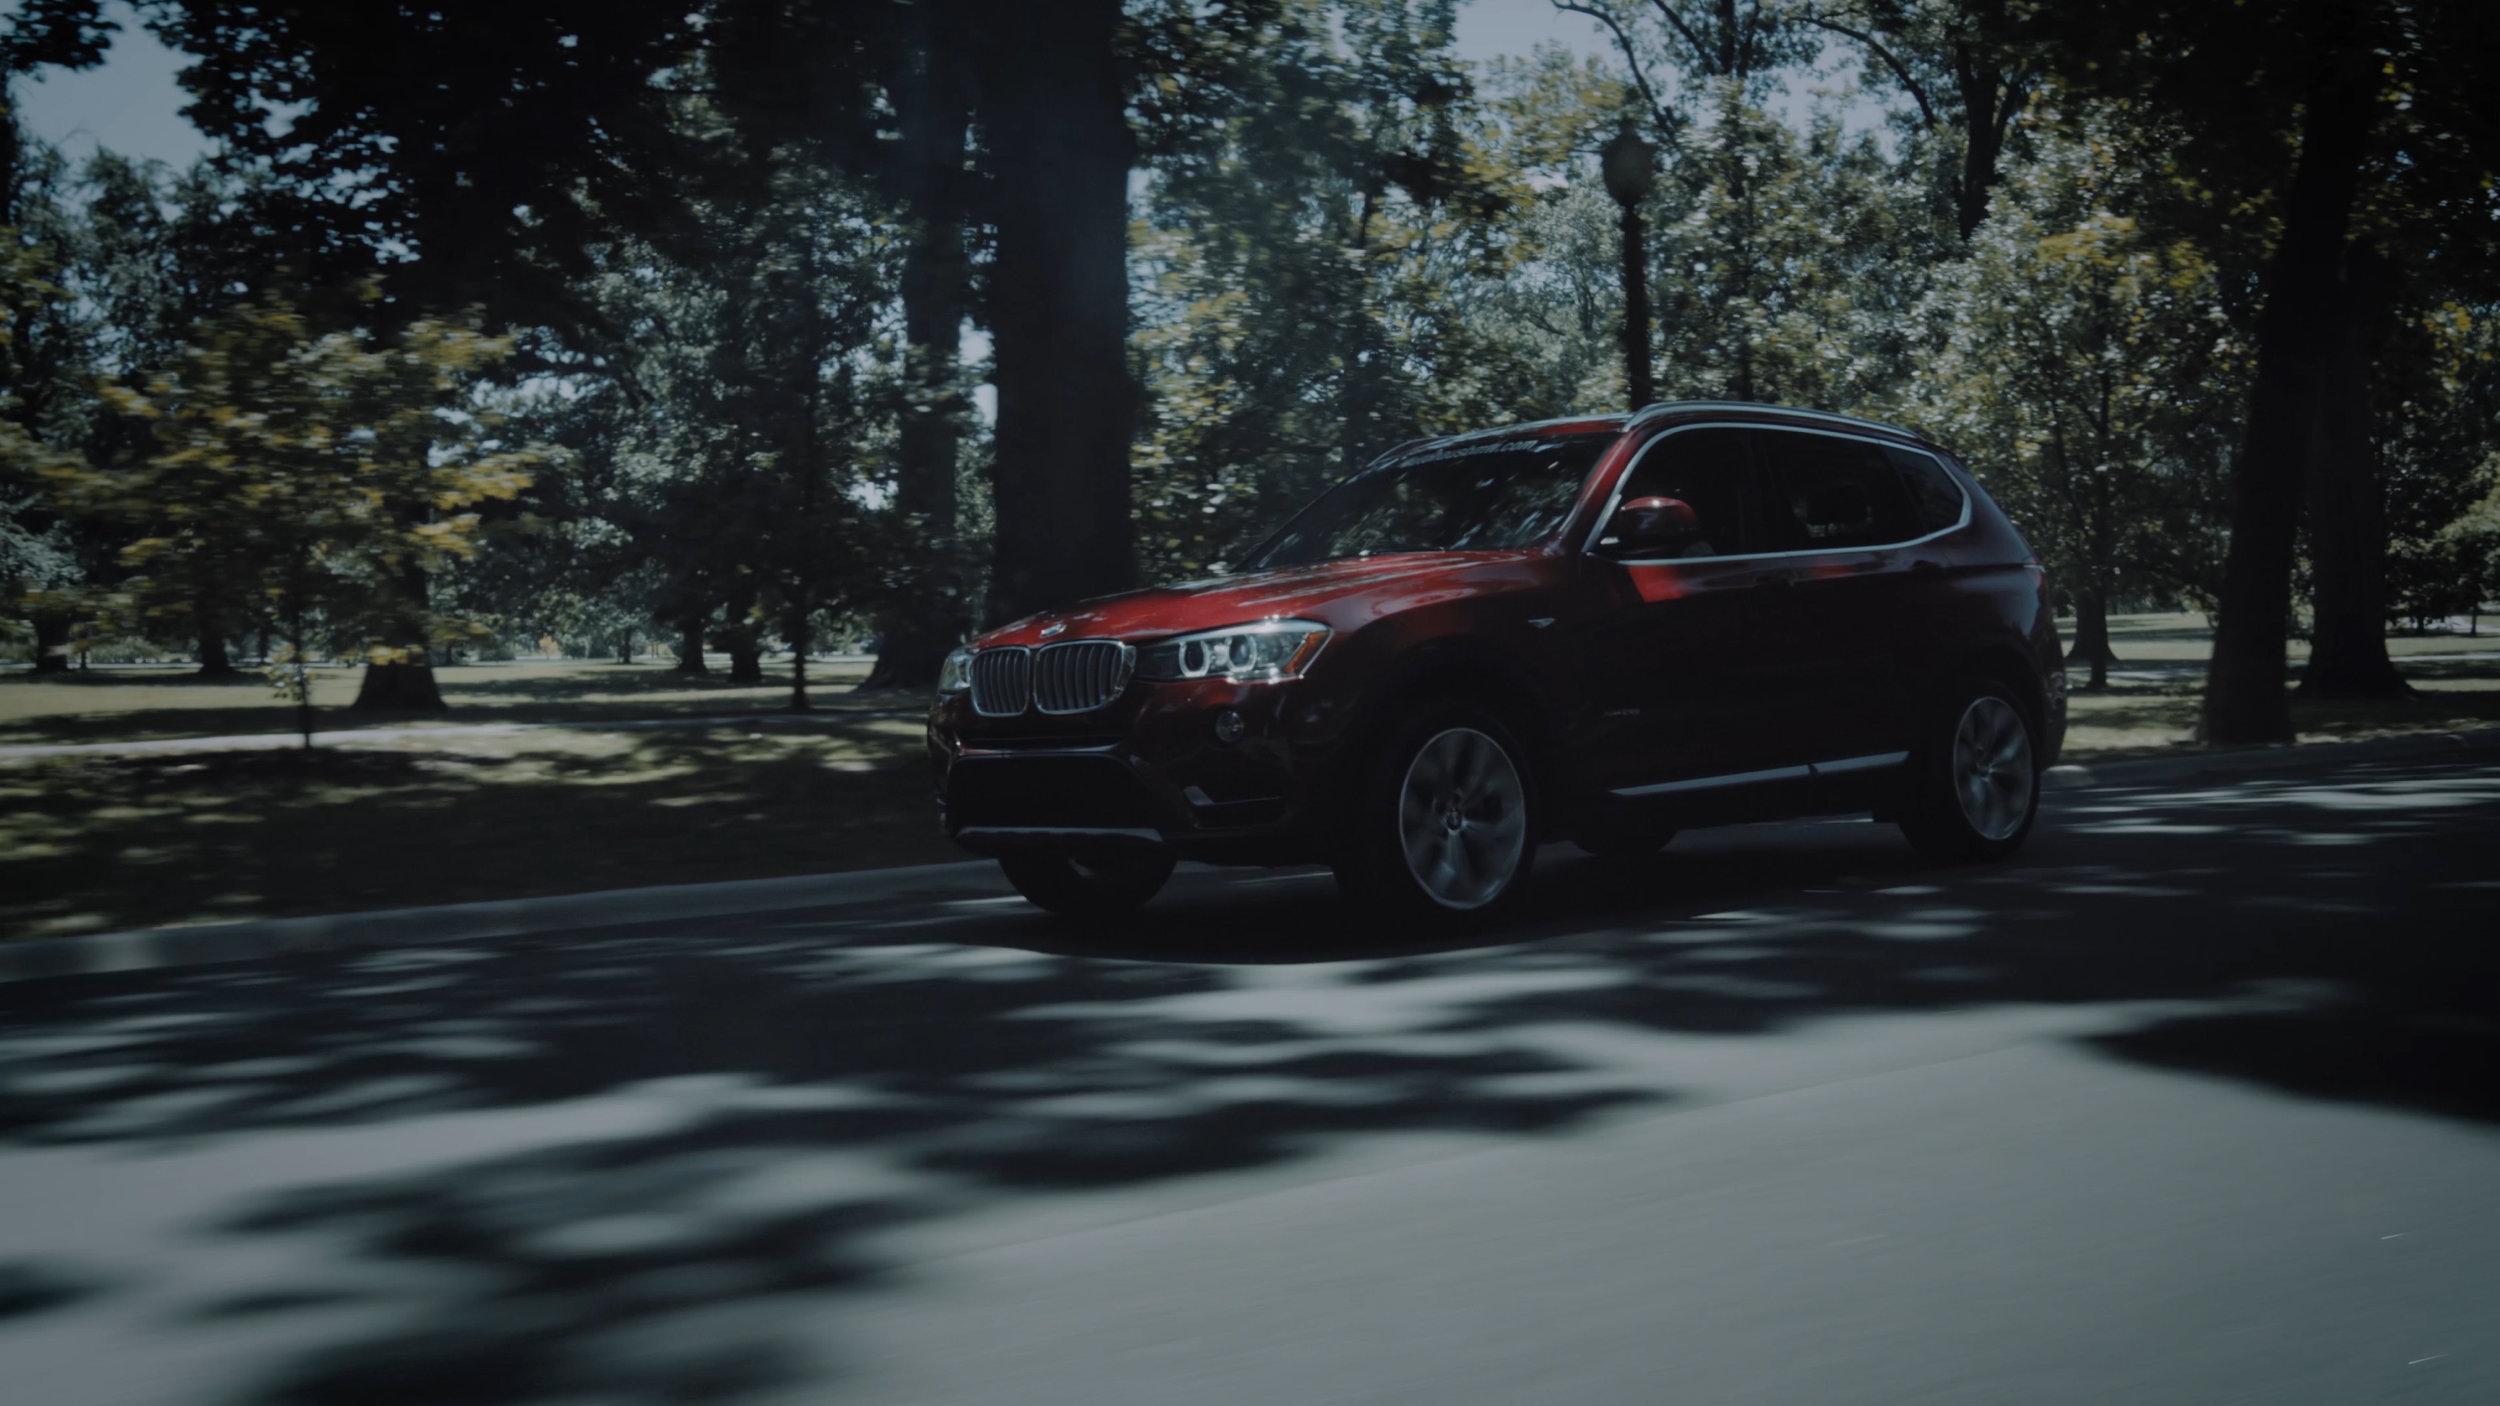 Autohaus BMW Culture 4K Final 3.00_02_10_00.Still031.jpg